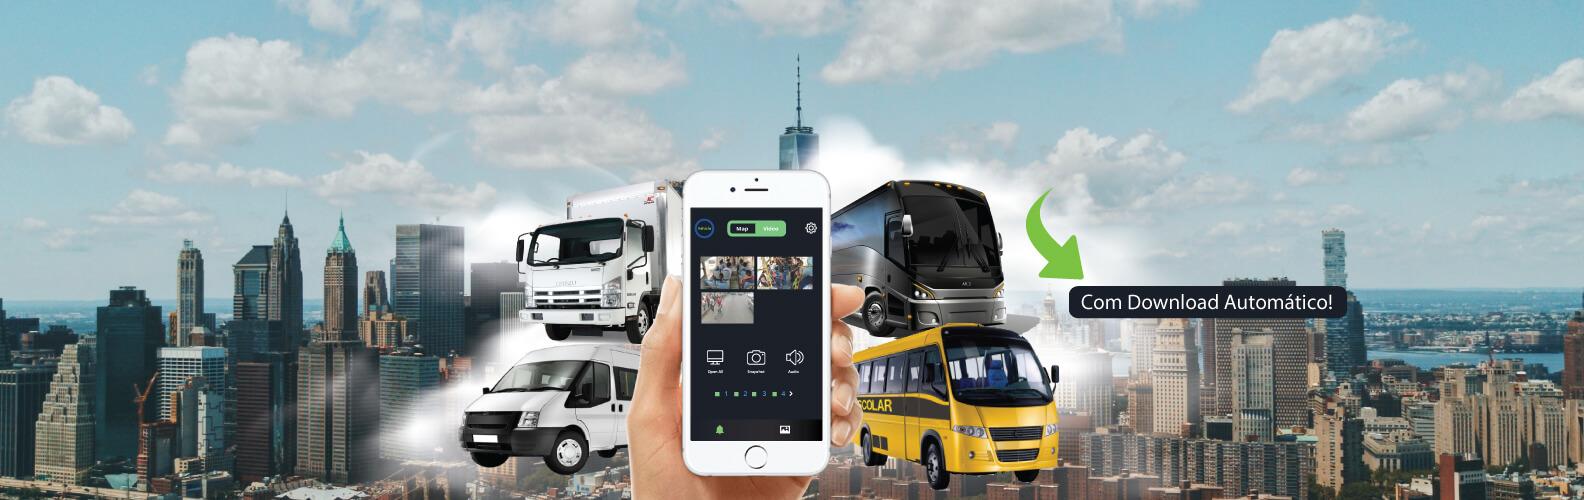 DVR Veicular, Carro, Onibus, Caminhões e Vans - Segurança e Eletronica